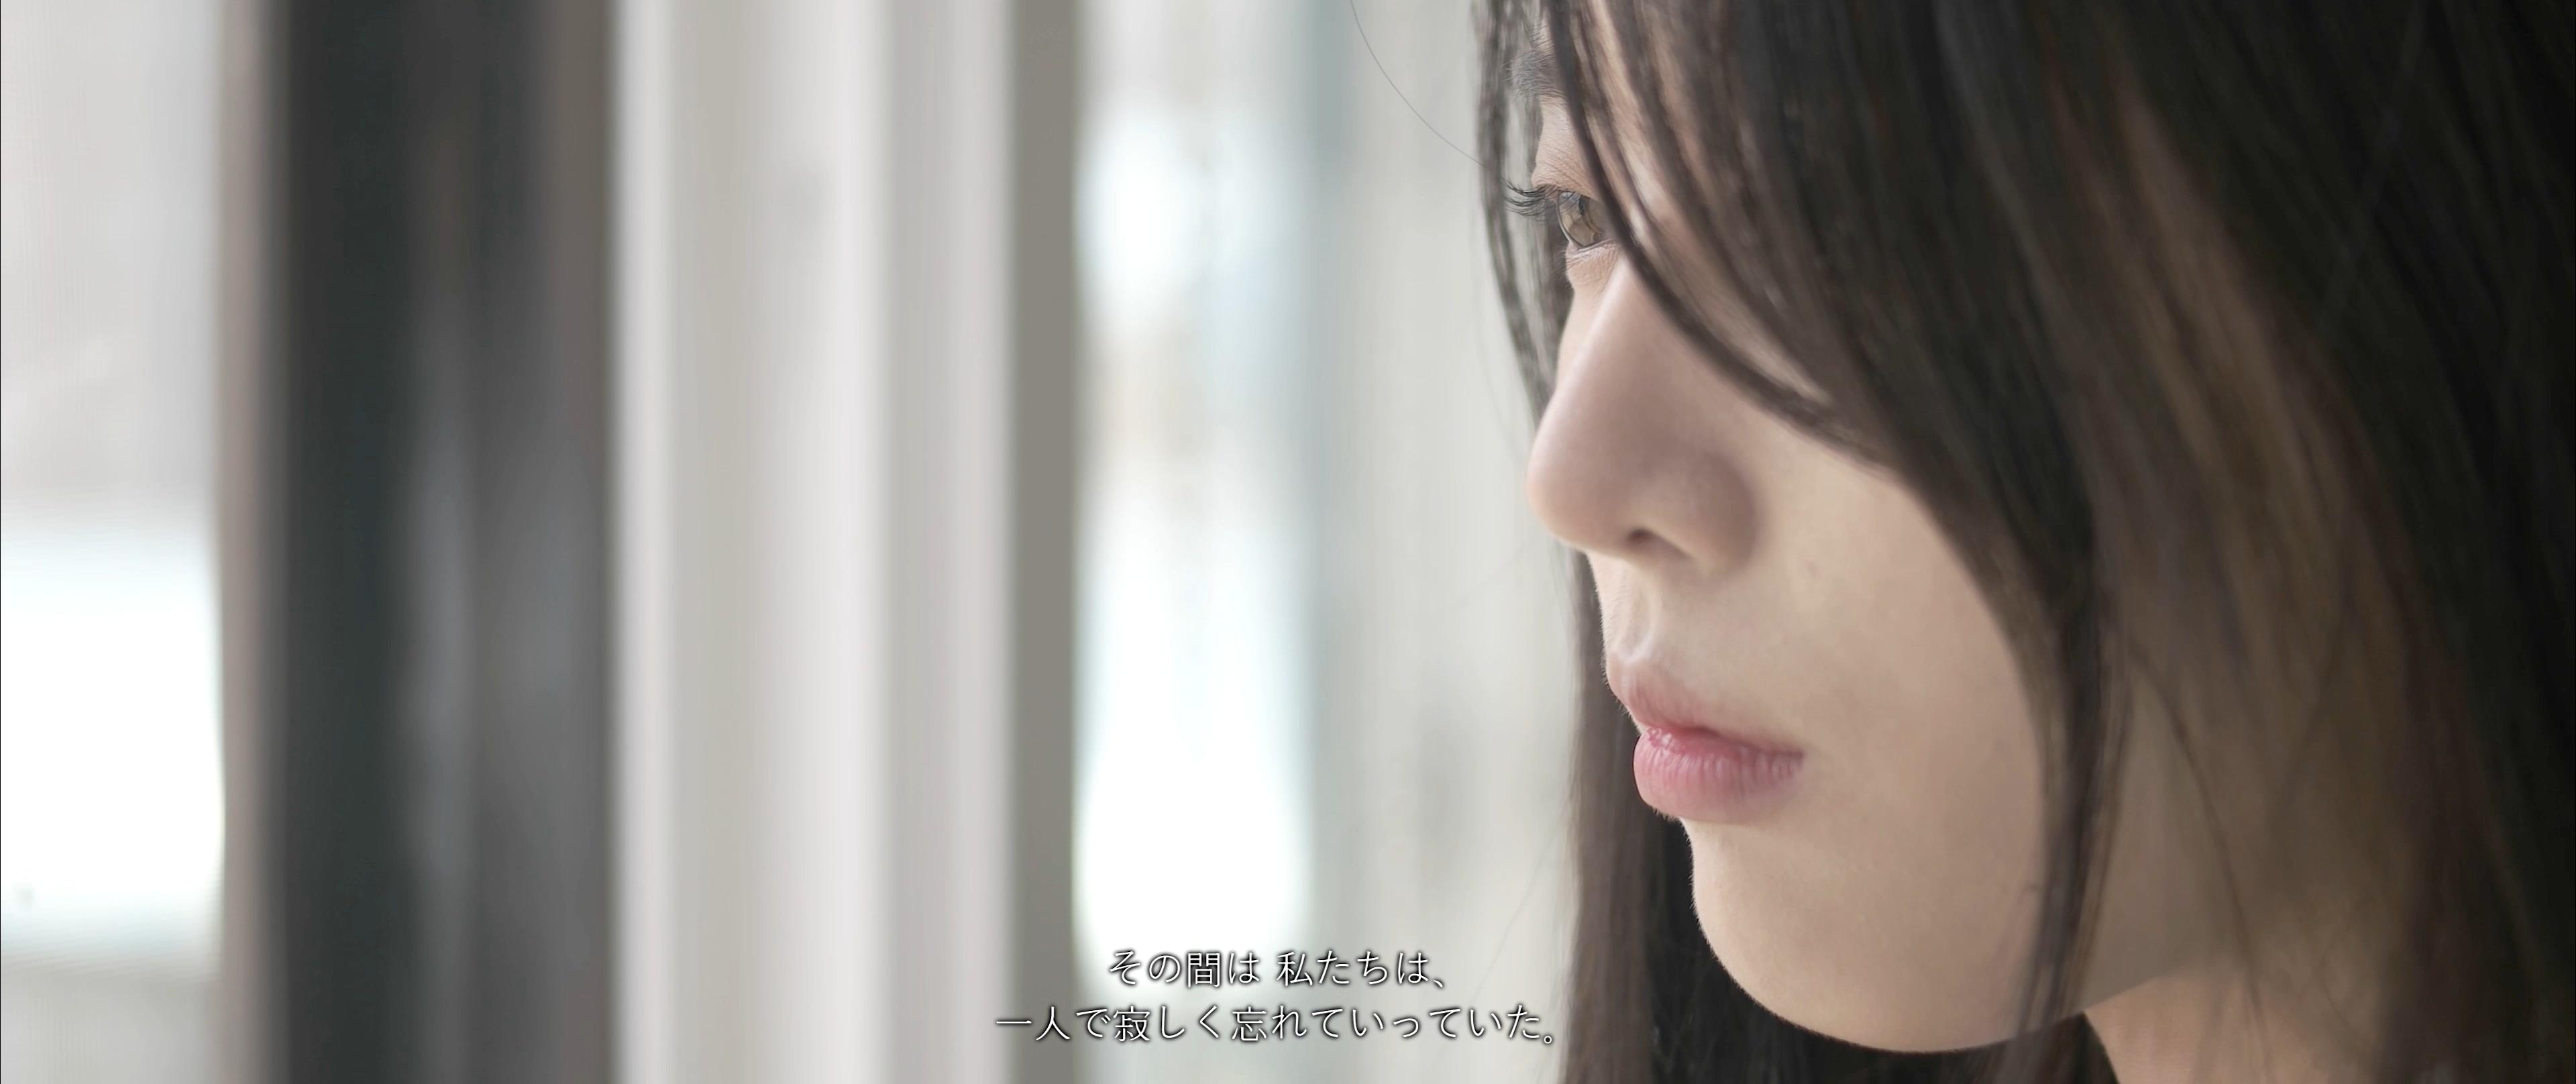 その道で...H.264 3840x1617 Japanese Sub (2017.7.1).mp4_20170728_100628.972